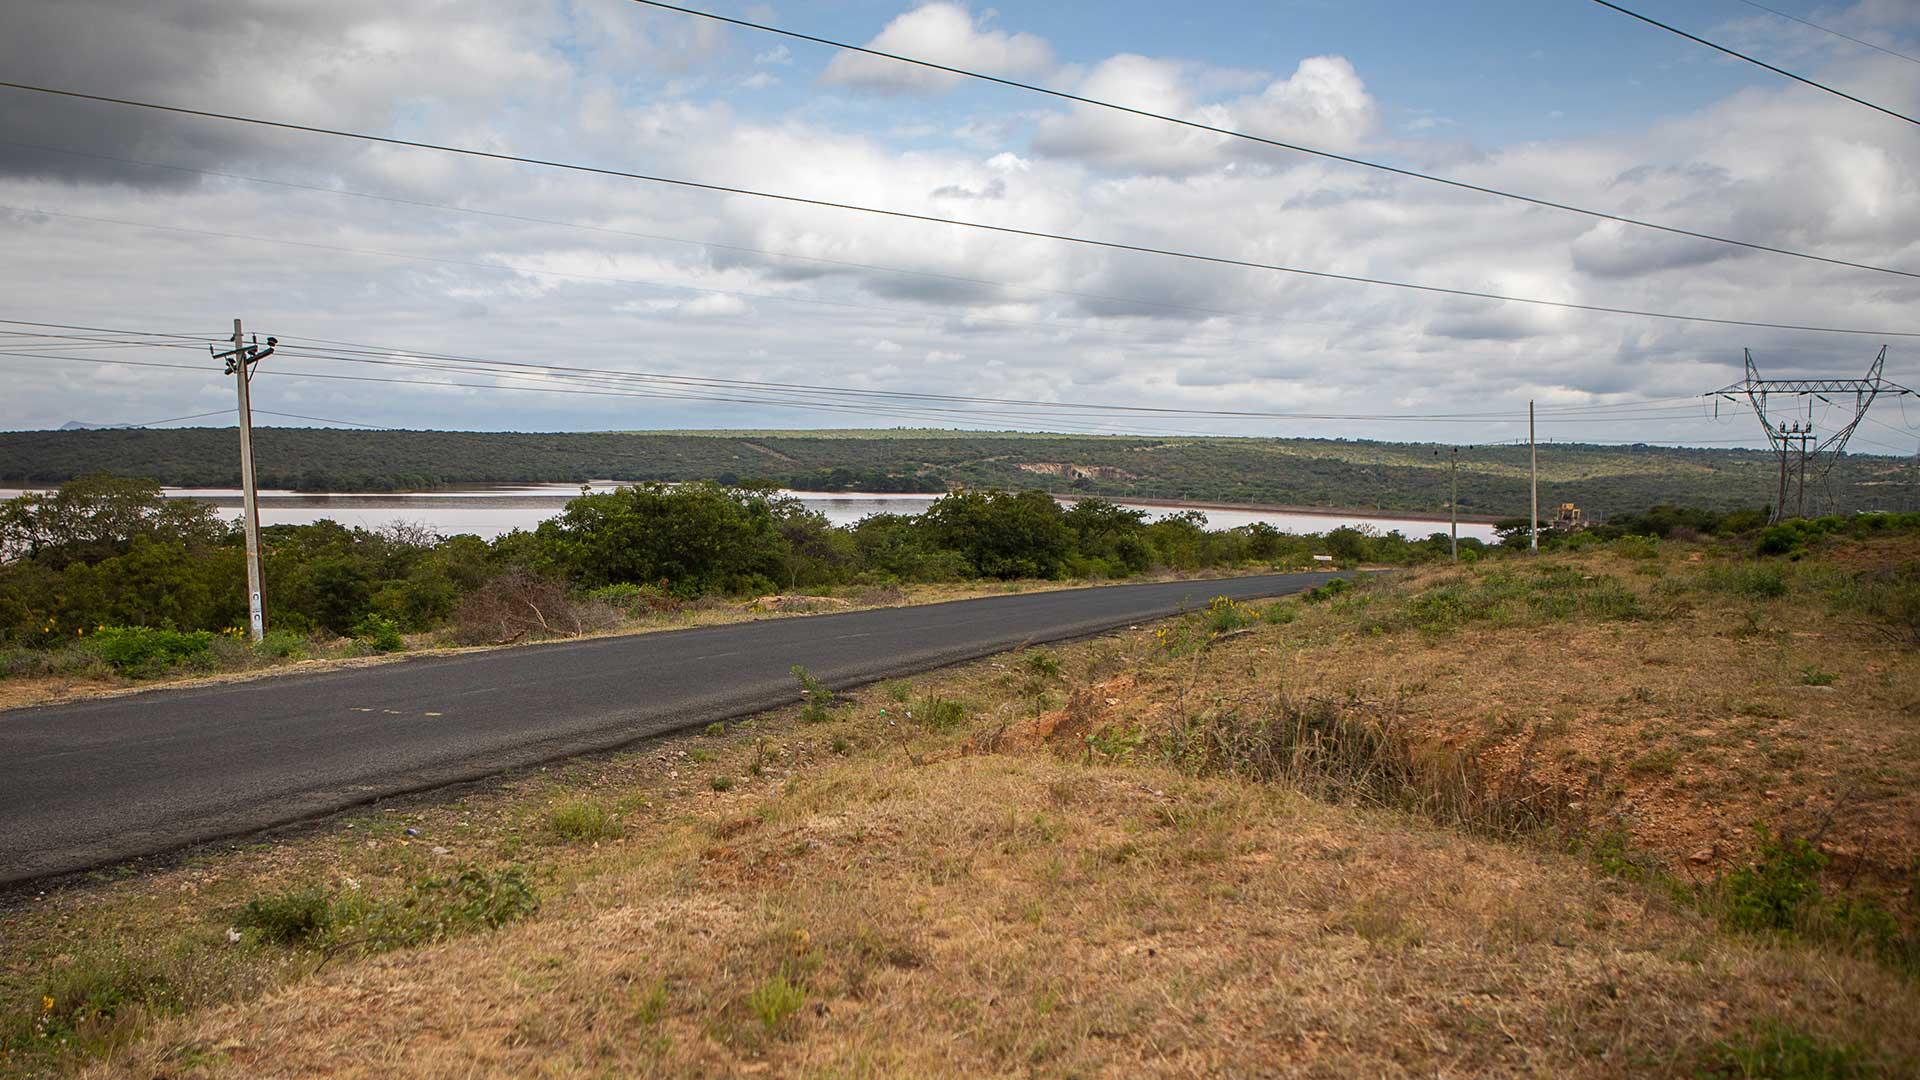 Kamburu de nuevo, donde tienen buenas carreteras y suministro eléctrico para el aserradero que se avecina.